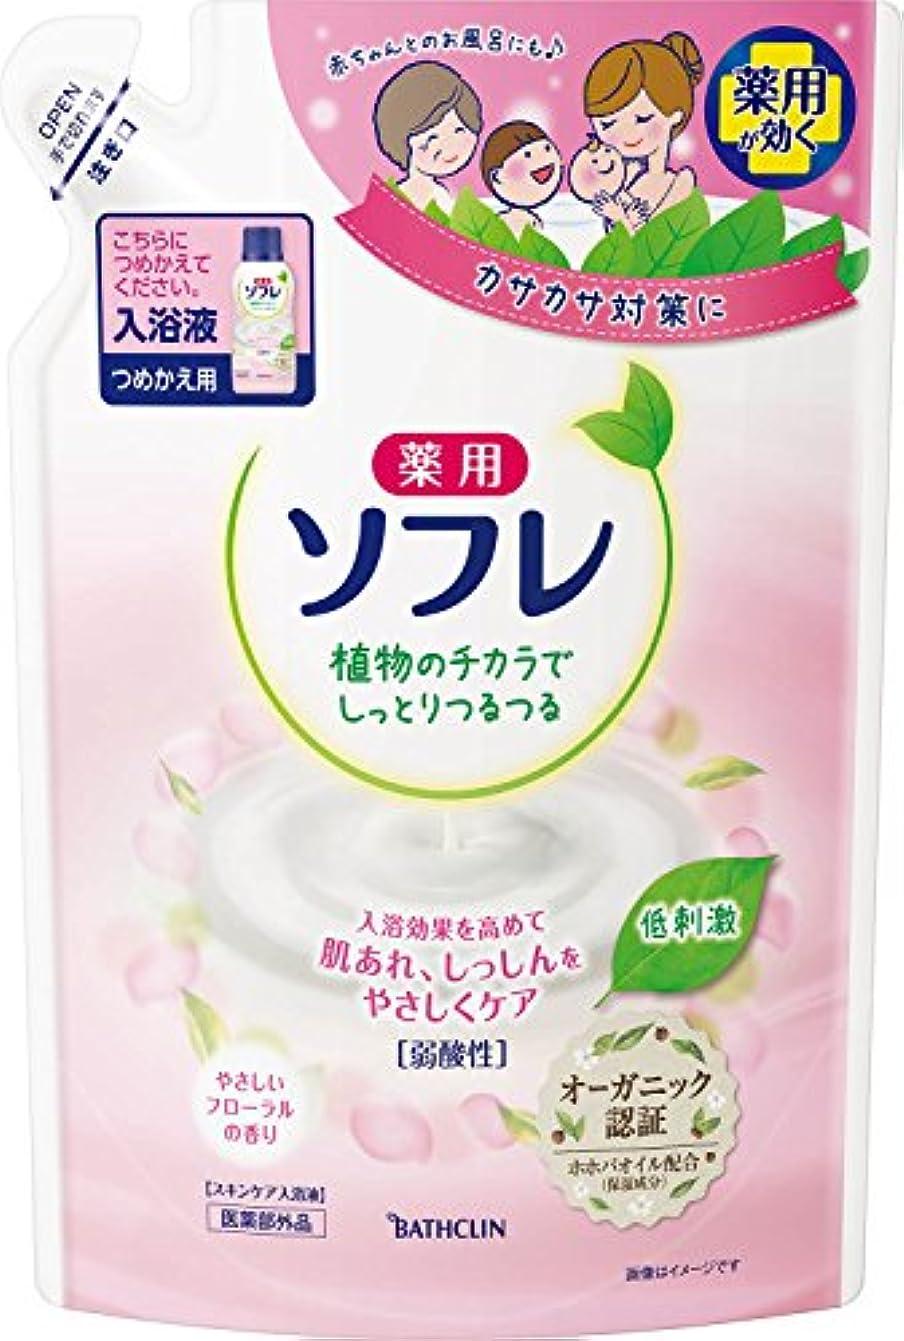 リストスポークスマン極端な【医薬部外品】薬用ソフレ スキンケア入浴剤 やさしいフローラルの香り つめかえ用 600ml 入浴剤(赤ちゃんと一緒に使えます) 保湿タイプ